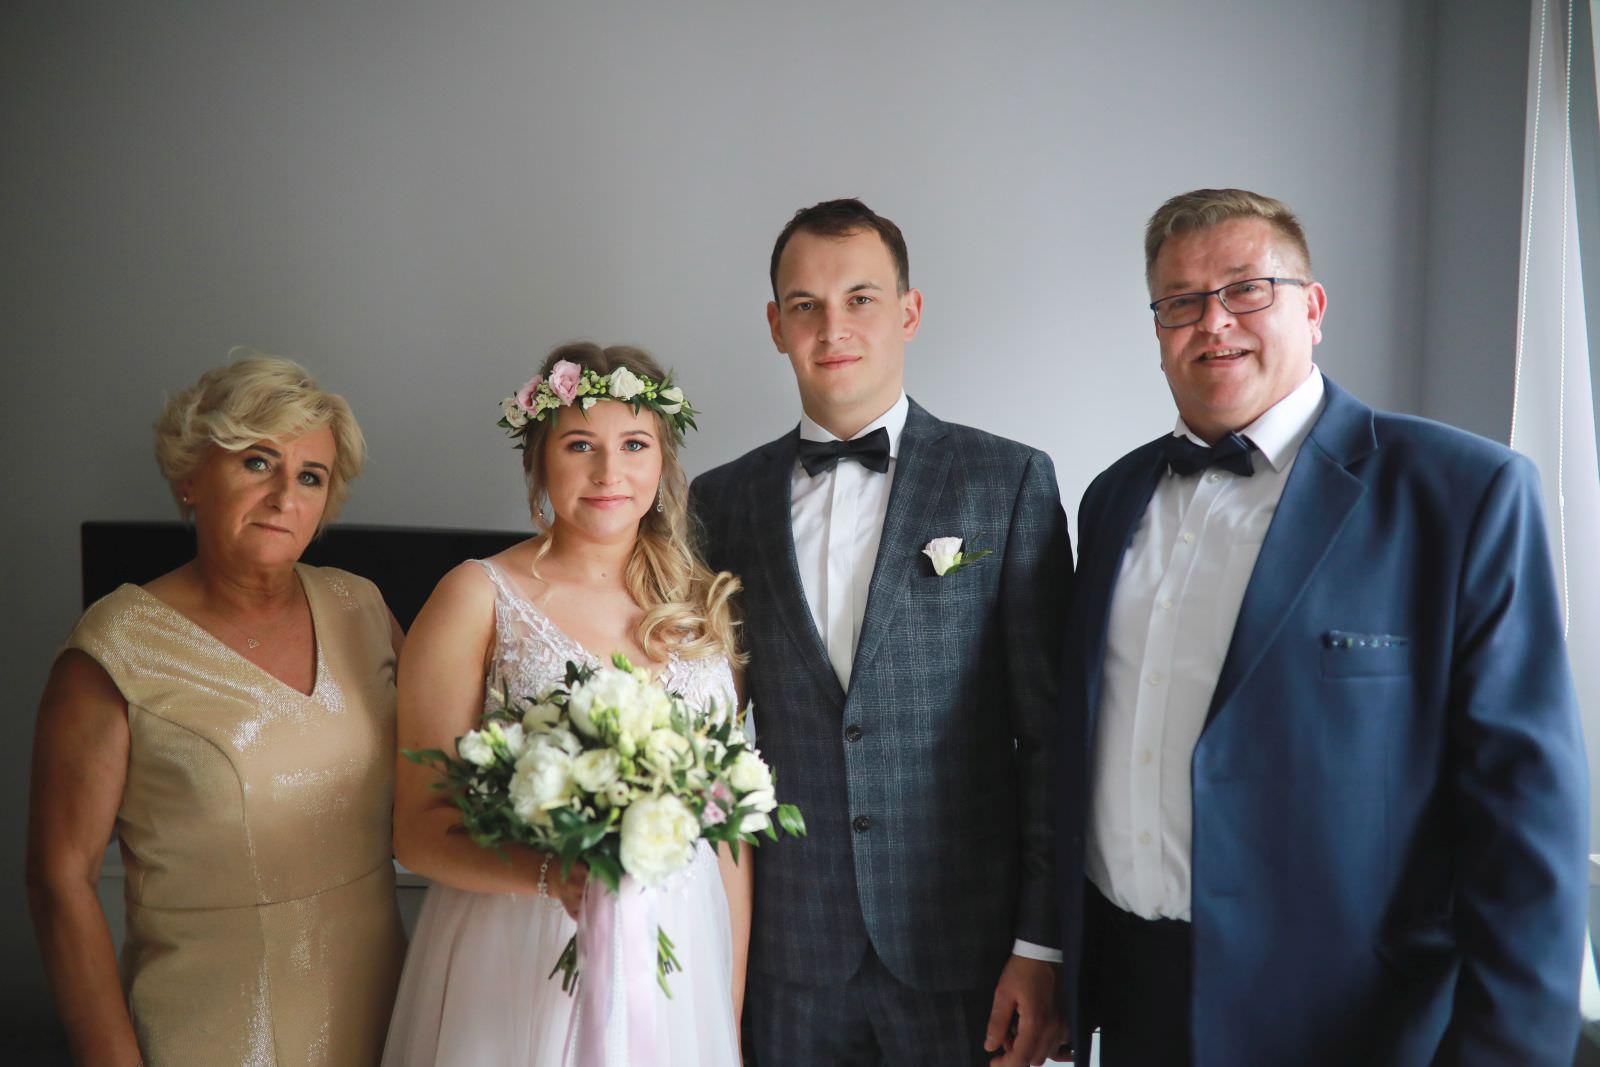 zdjęcie grupowe z rodzicami